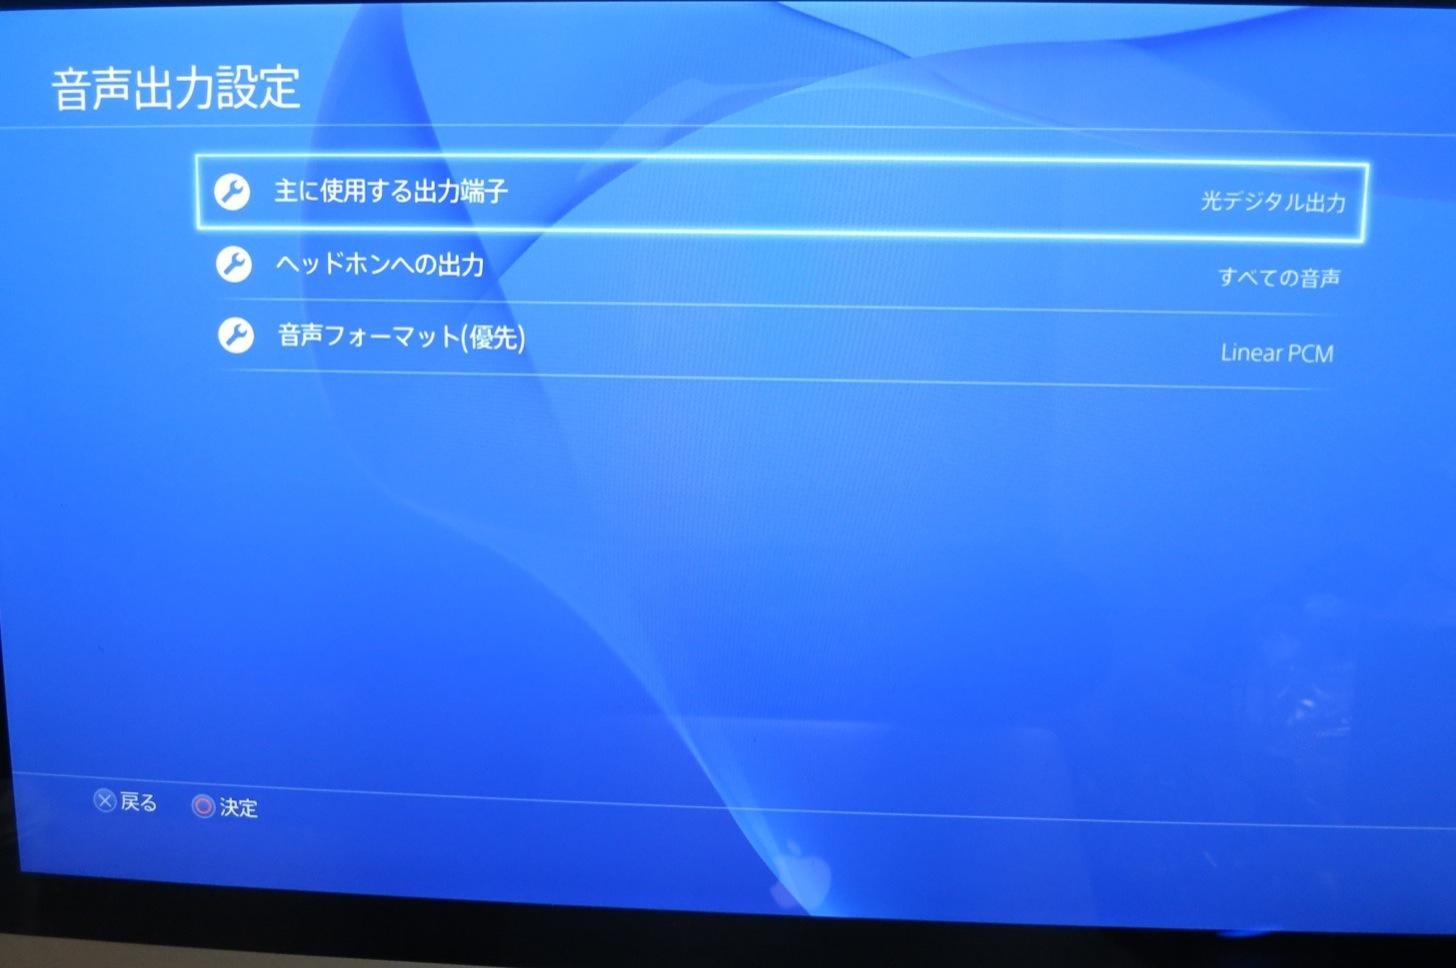 PS4のサウンド設定で光デジタル端子のスピーカーとイヤホンの設定を施す。